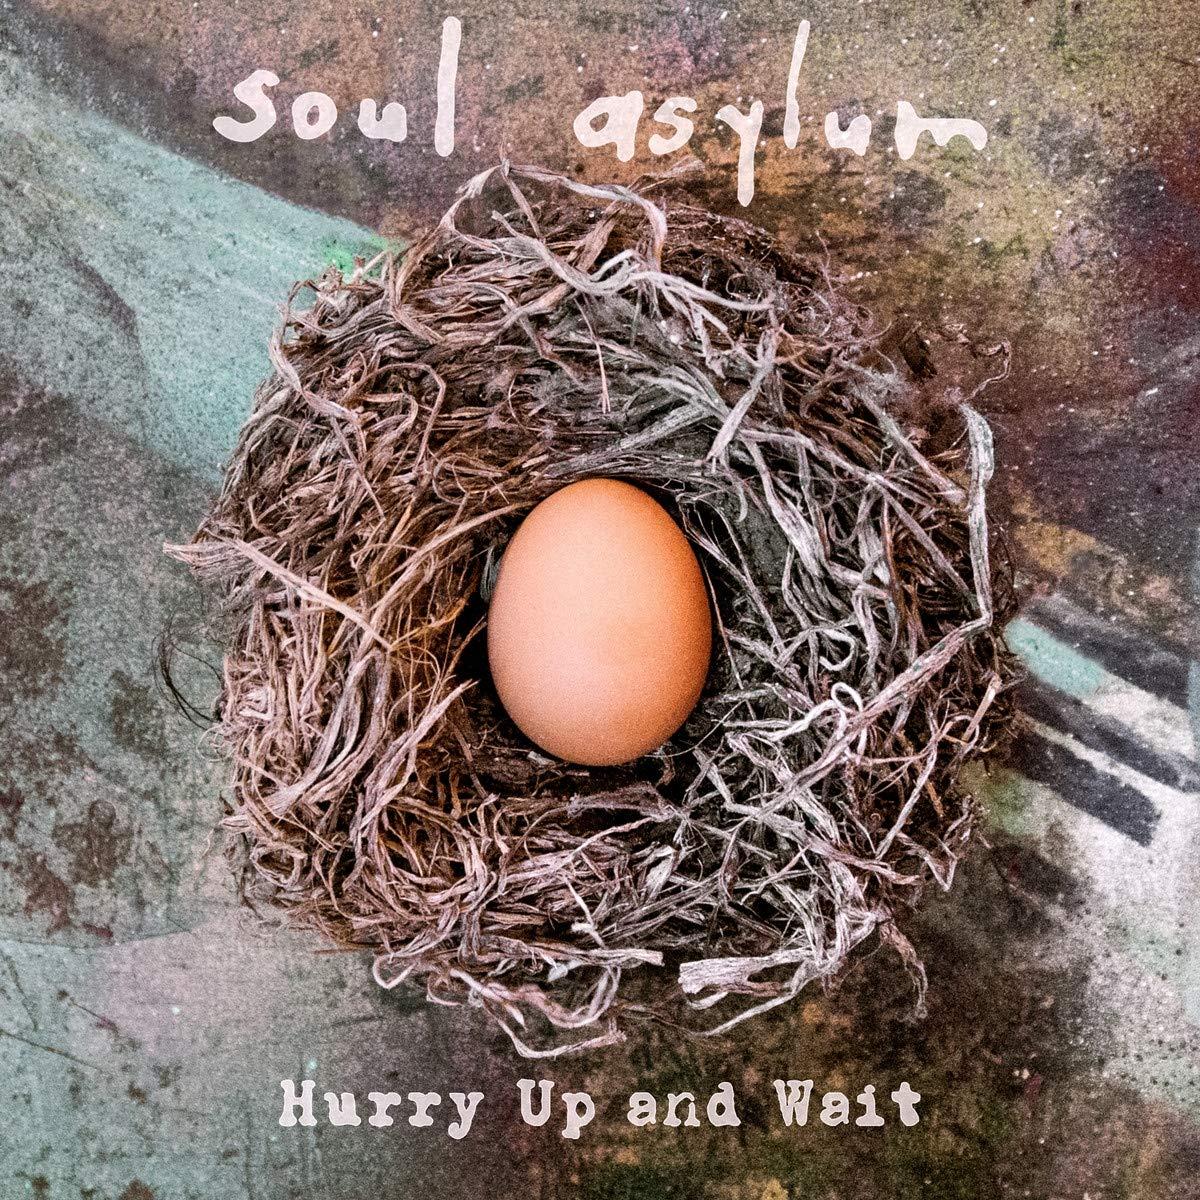 Soul Asylum - Página 2 81Wvf5R1IyL._SL1200_